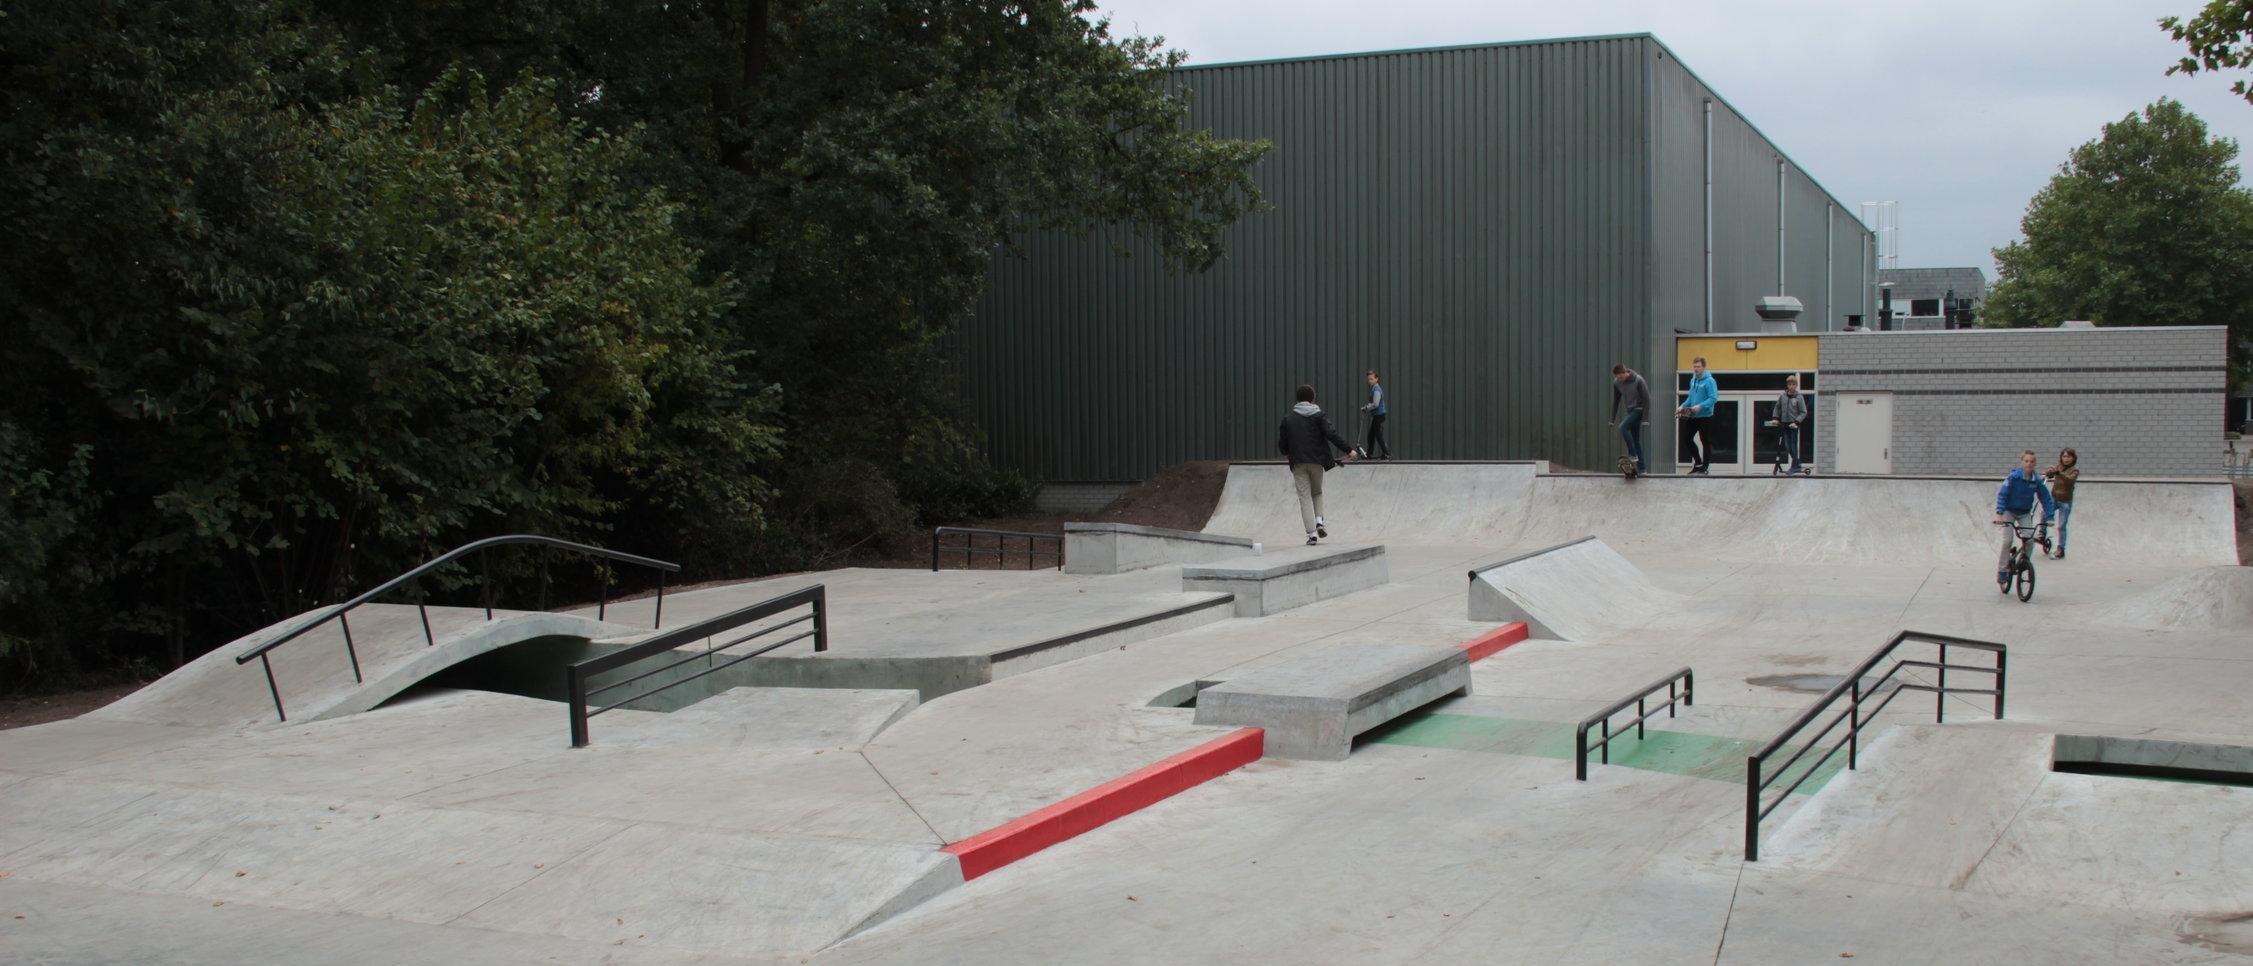 Skatepark Nunspeet:een landschap van beton obstakels.